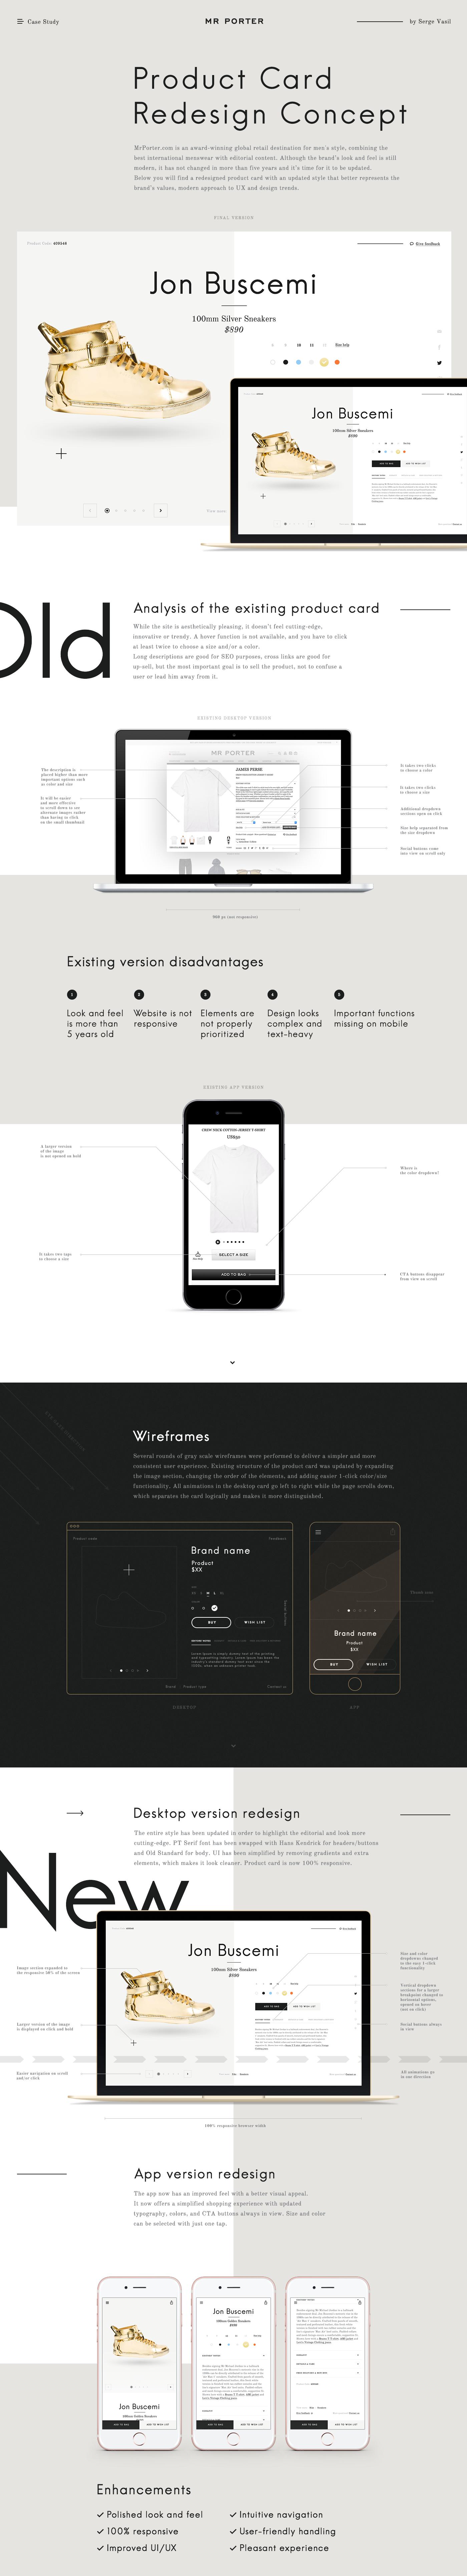 Best Product Redesign Ideas Photos - Decorating Interior Design ...